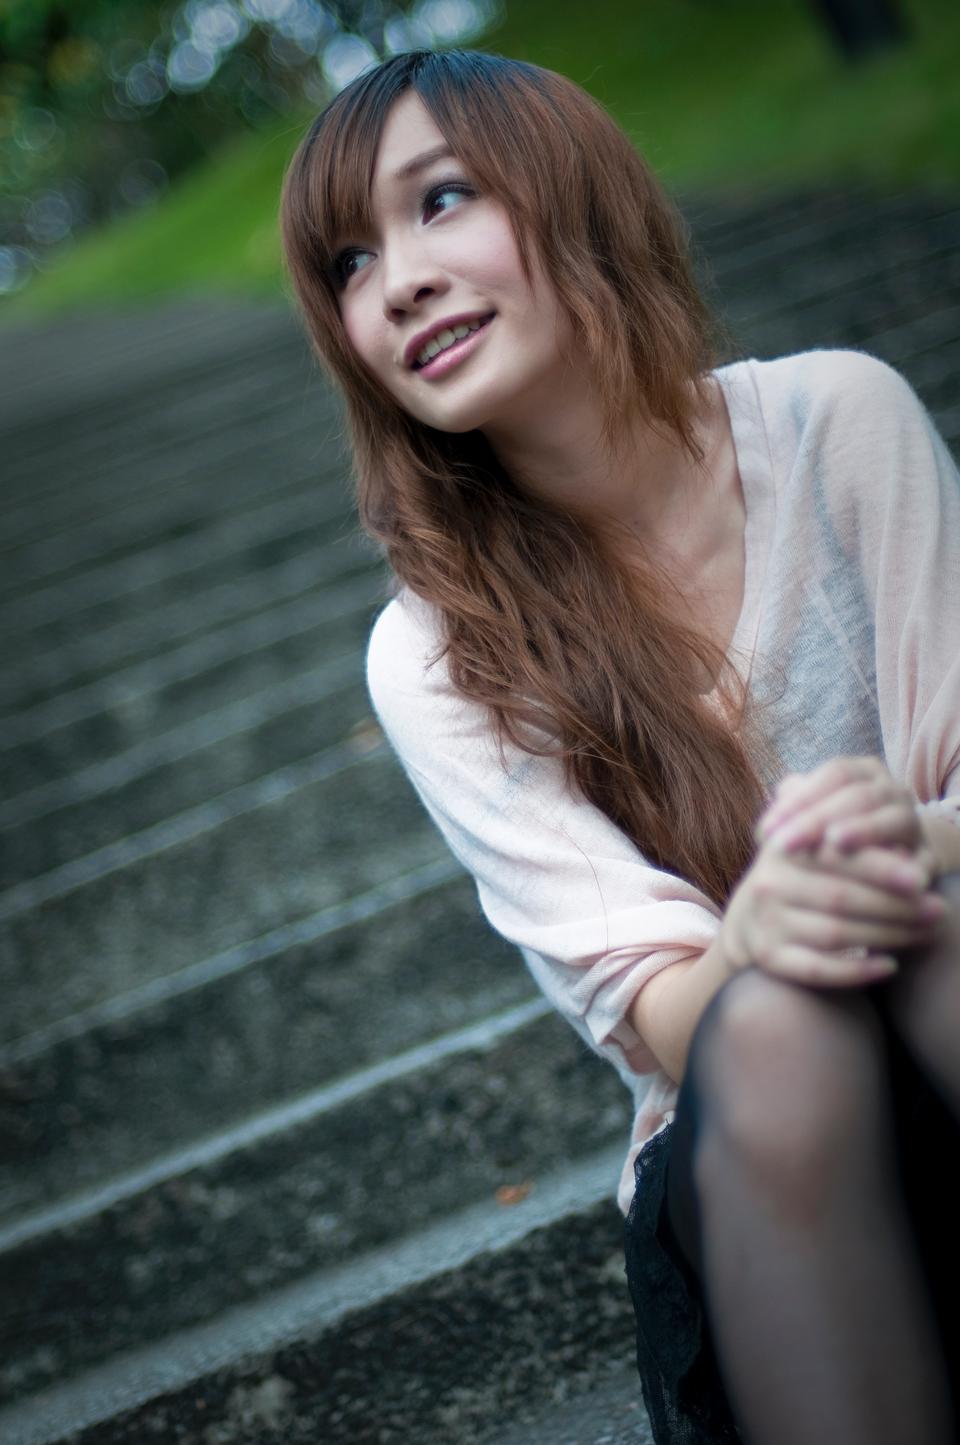 外階段に座ってかわいい女の子